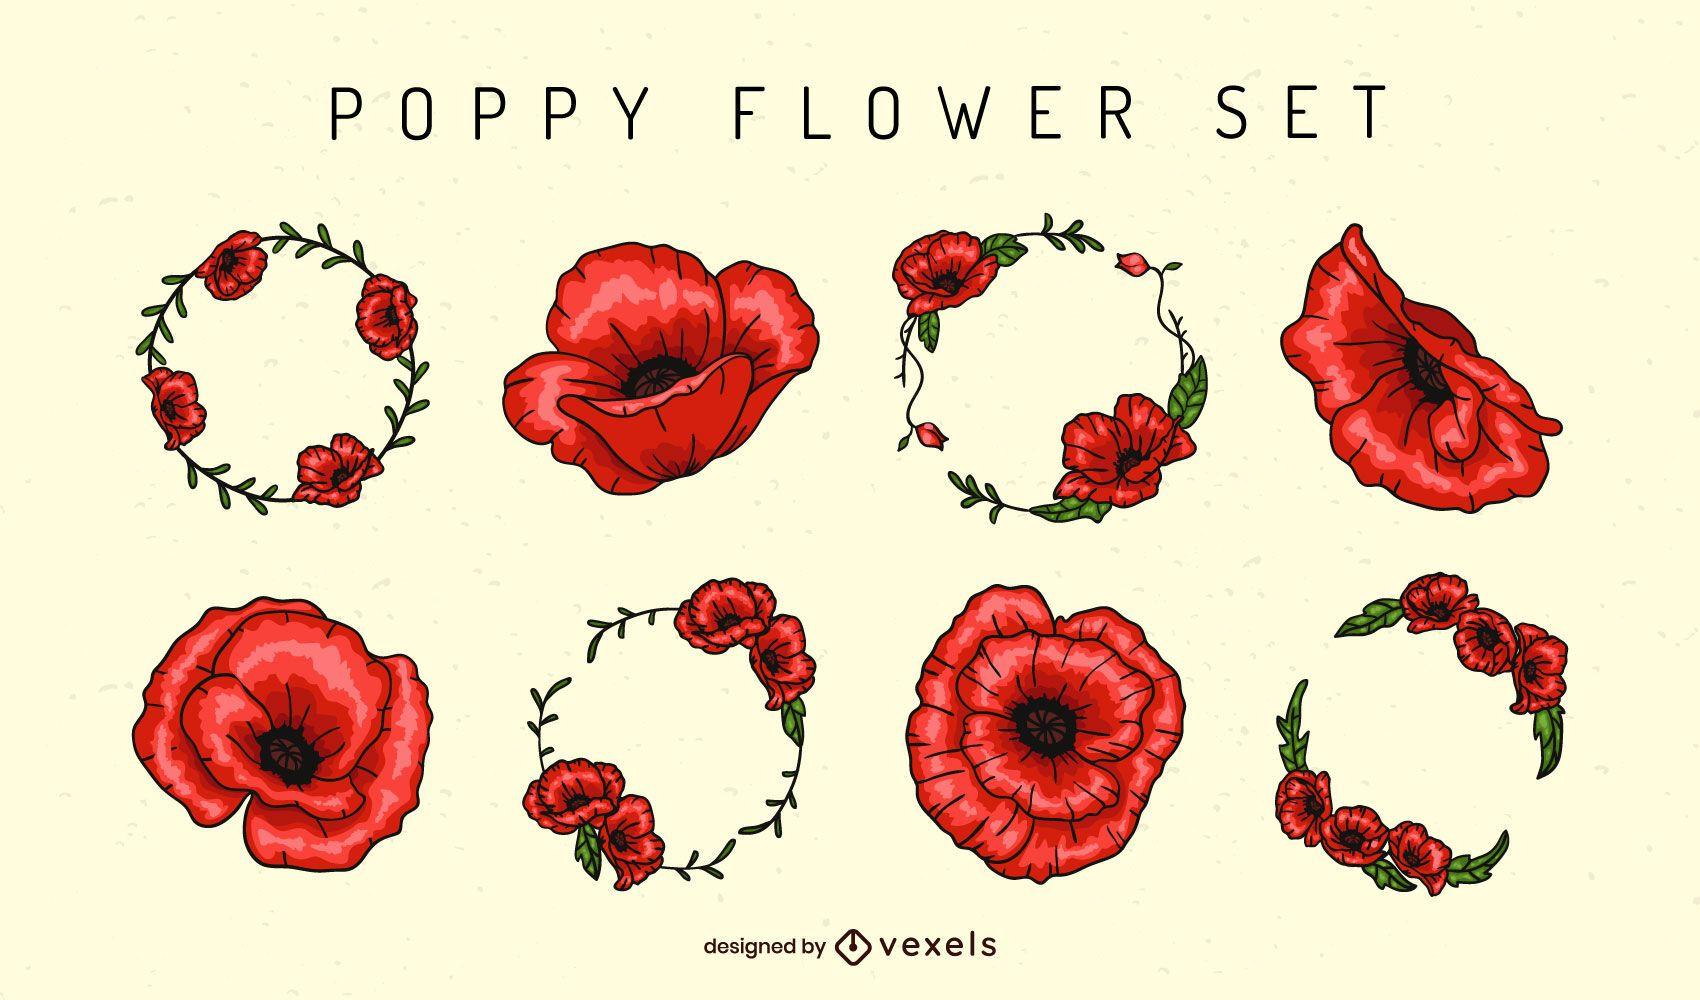 Poppy flower elements set